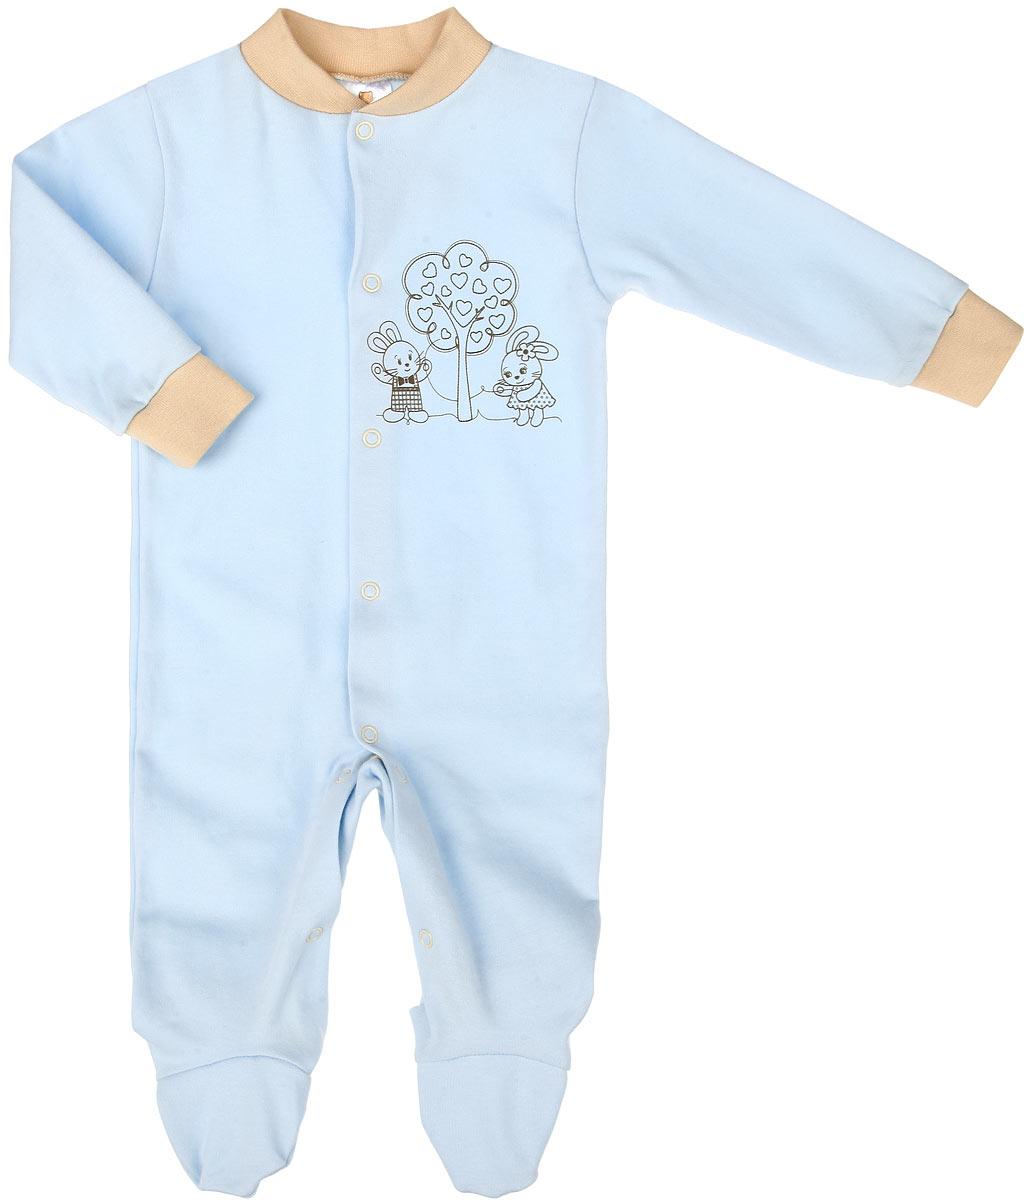 Комбинезон домашний3689Детский комбинезон КотМарКот полностью соответствует особенностям жизни младенца в ранний период, не стесняя и не ограничивая его в движениях. Выполненный из мягкого натурального хлопка, он очень приятный на ощупь, не раздражает нежную и чувствительную кожу ребенка, позволяя ей дышать. Комбинезон с круглым вырезом горловины, длинными рукавами и закрытыми ножками имеет застежки-кнопки спереди и на ластовице, которые помогают легко переодеть младенца или сменить подгузник. Низ рукавов дополнен мягкими широкими манжетами, бережно обхватывающими запястья малыша. Спереди модель украшена принтом с изображением очаровательных зайчат под деревом. Такой комбинезон полностью соответствуют особенностям жизни малыша в ранний период, не стесняя и не ограничивая его в движениях, и прекрасно подойдет для активных игр и сна.